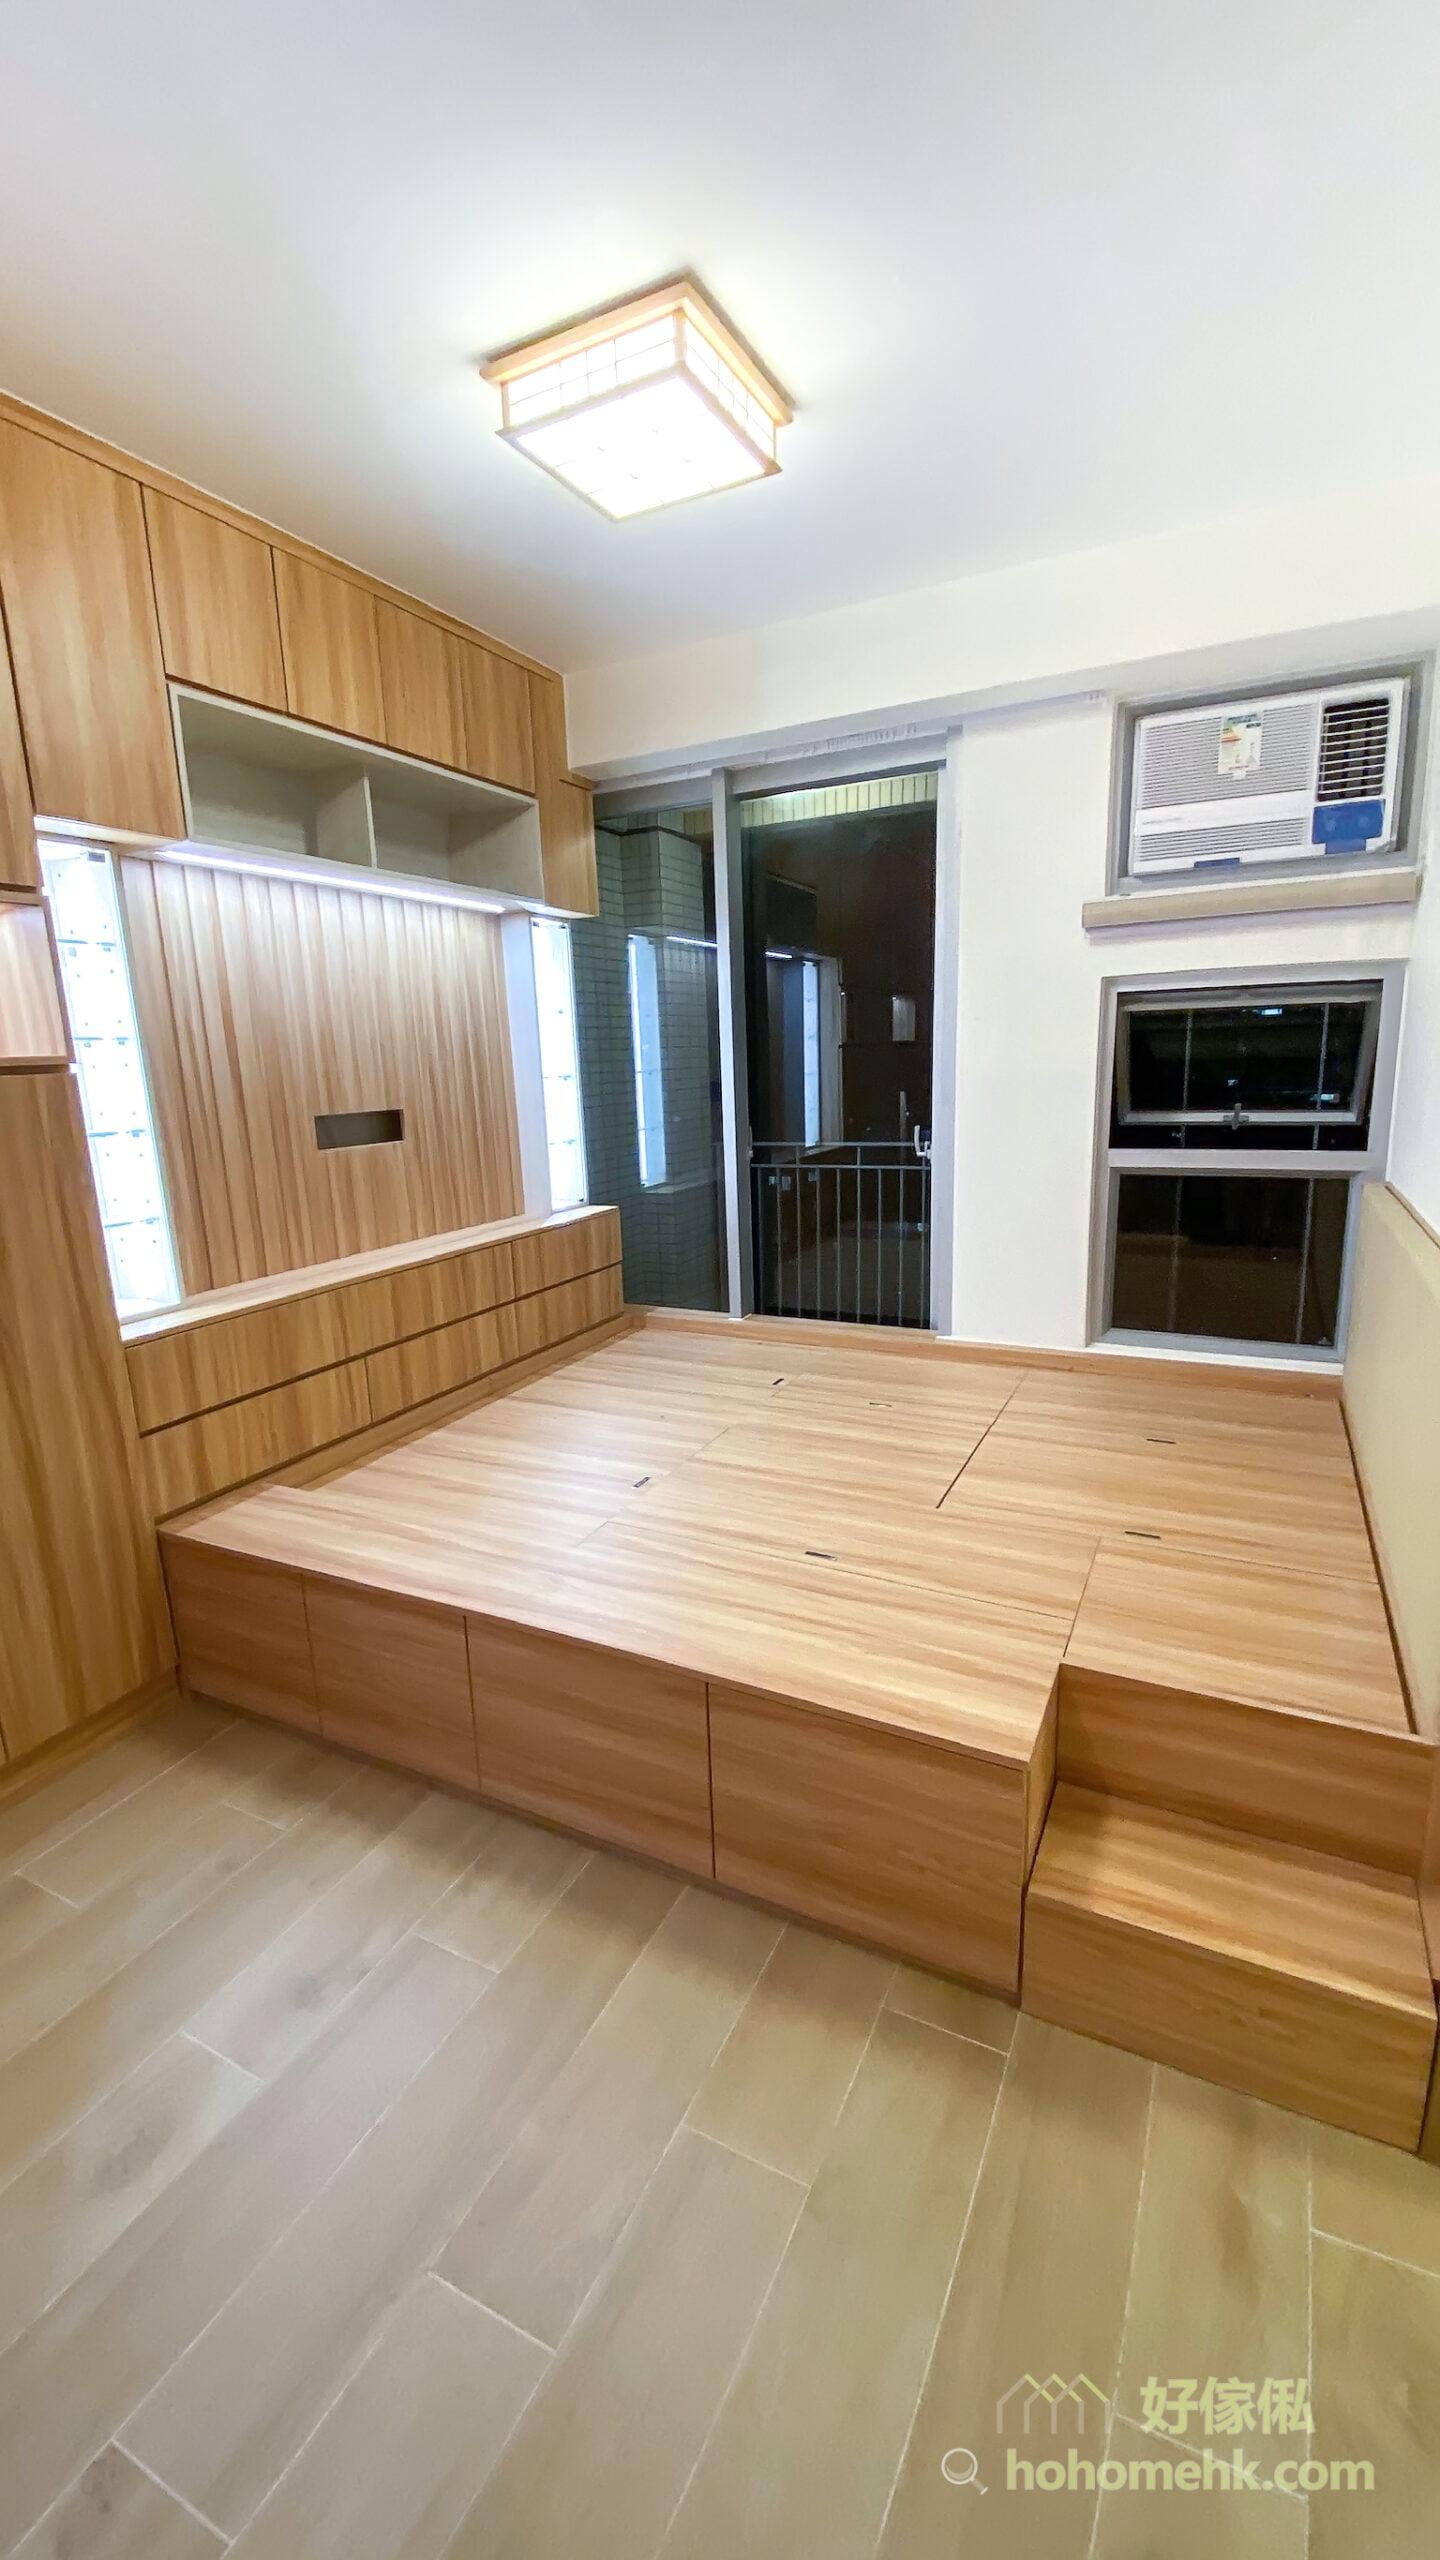 客廳儲物櫃/電視櫃/鞋櫃/飾櫃連地台, 將生活與會客功能整合